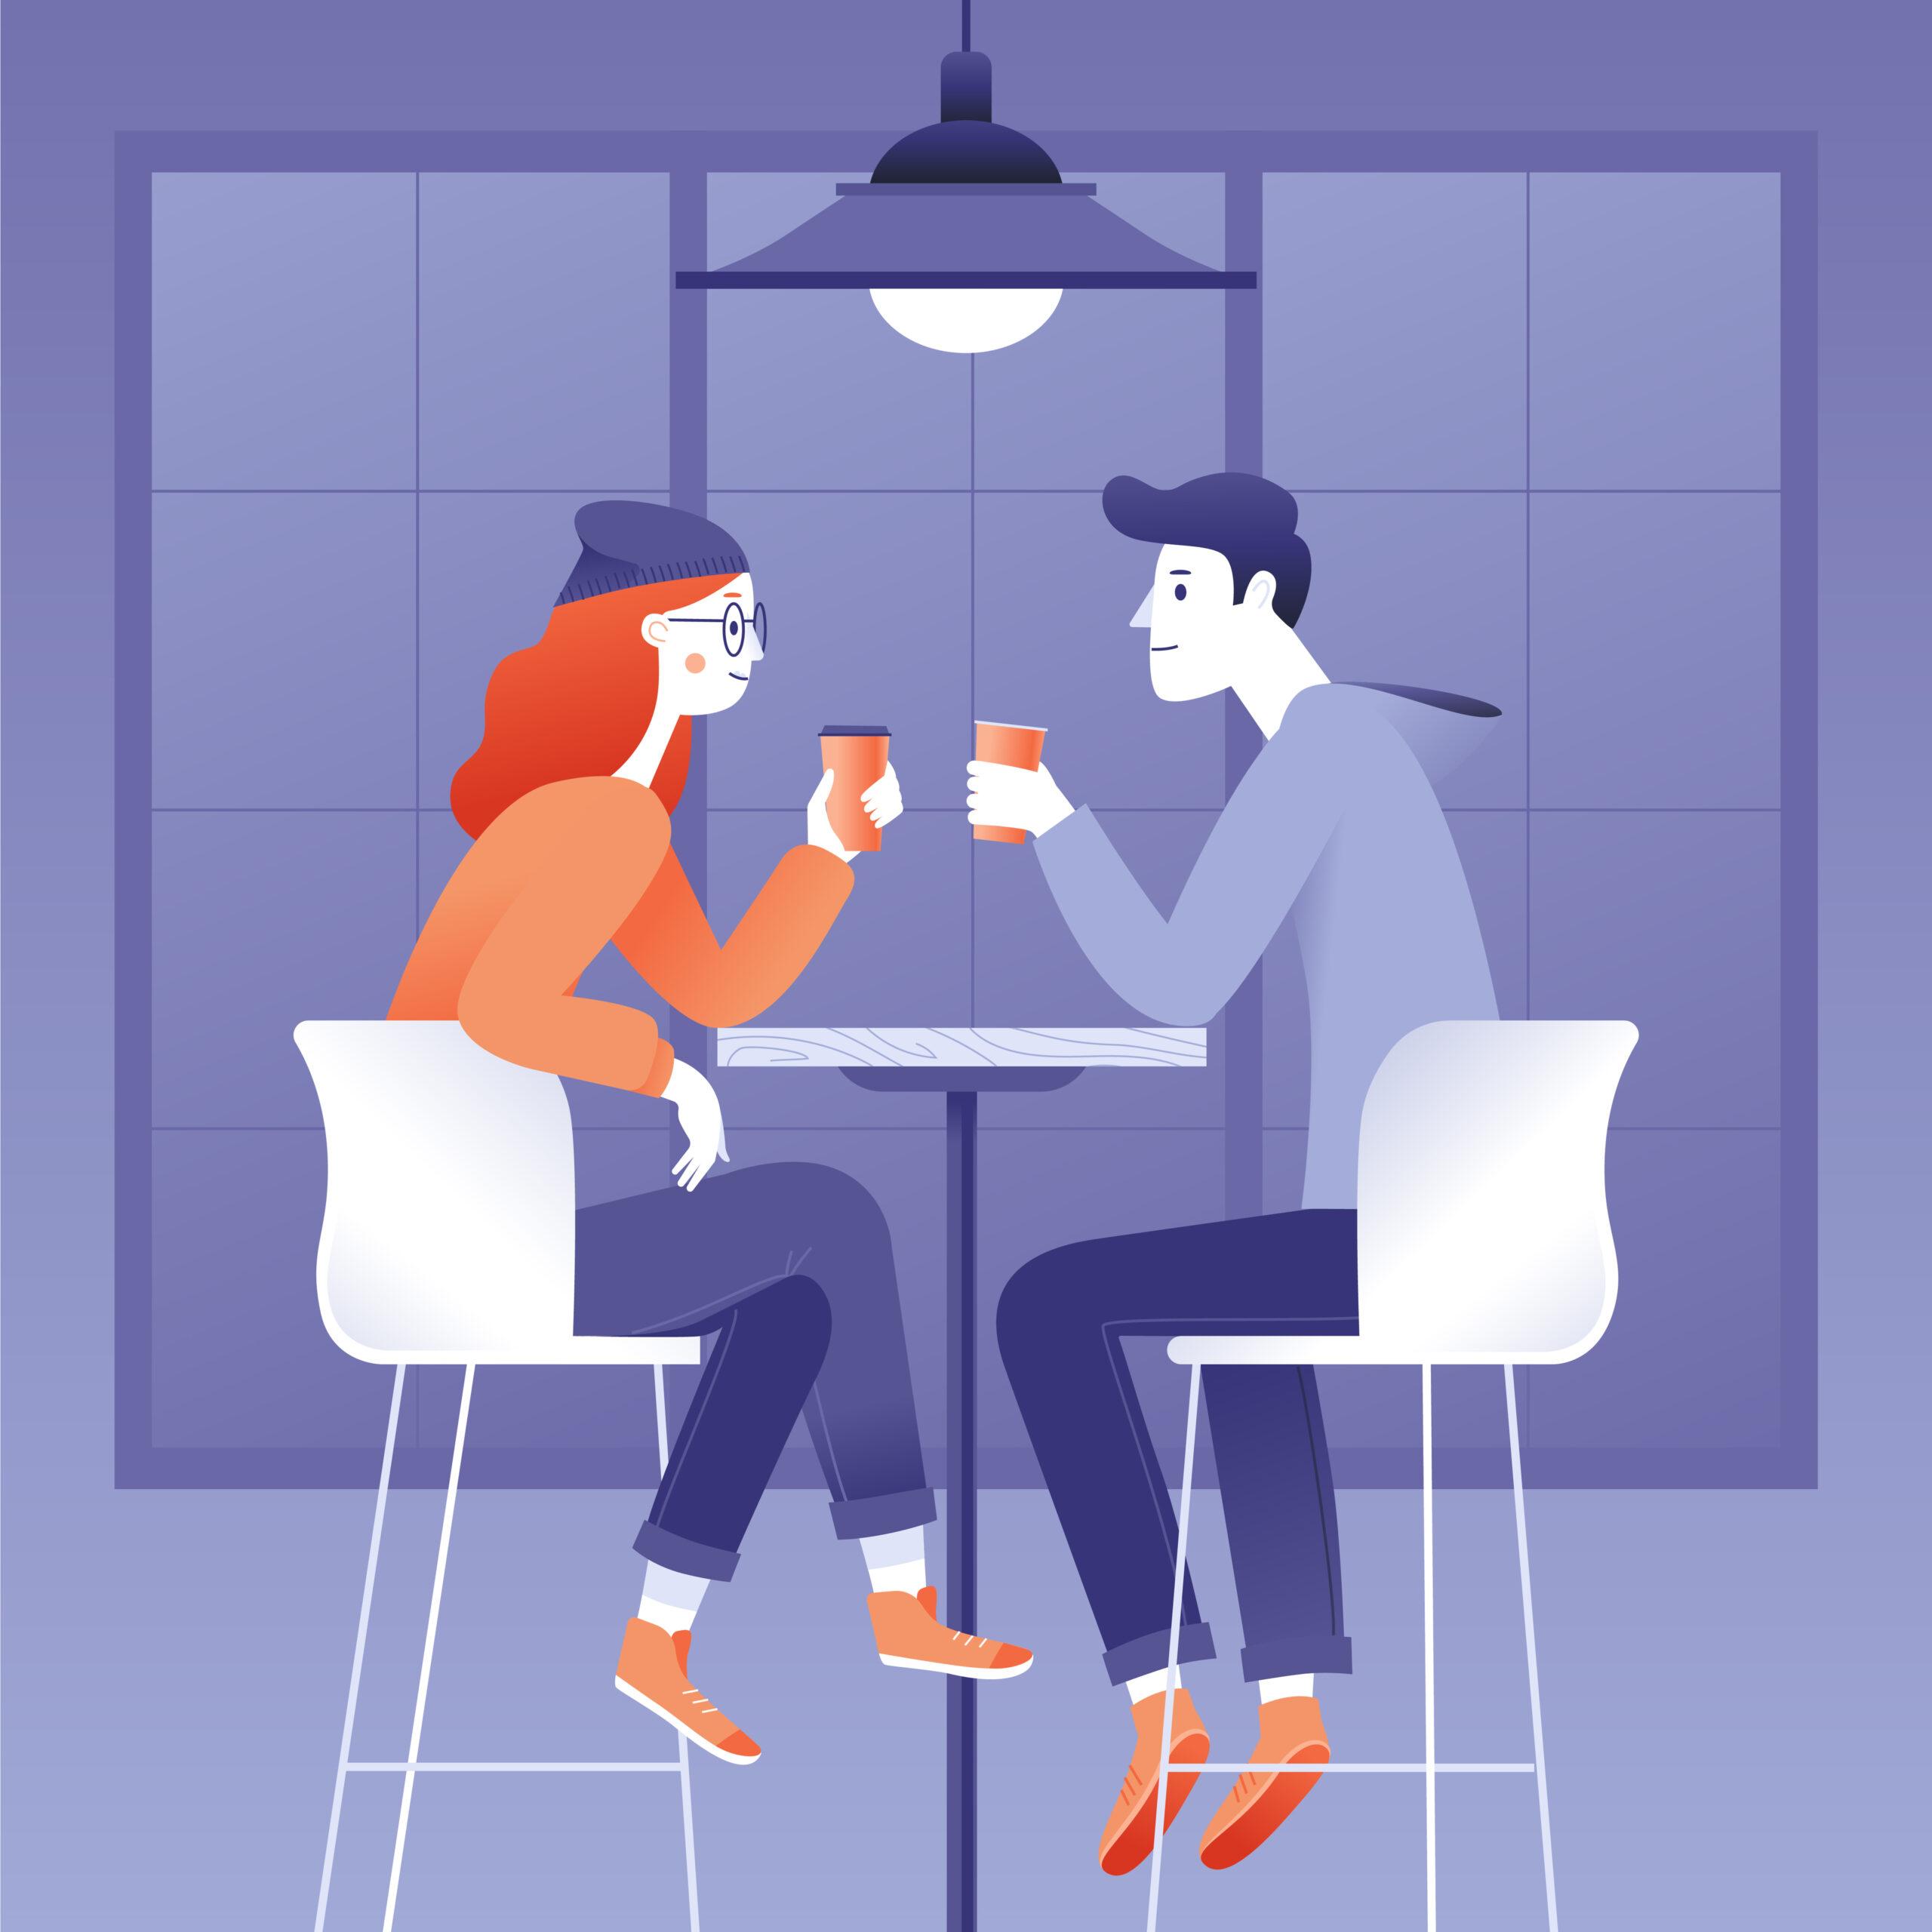 1:お互いの近況を話し合うご飯会